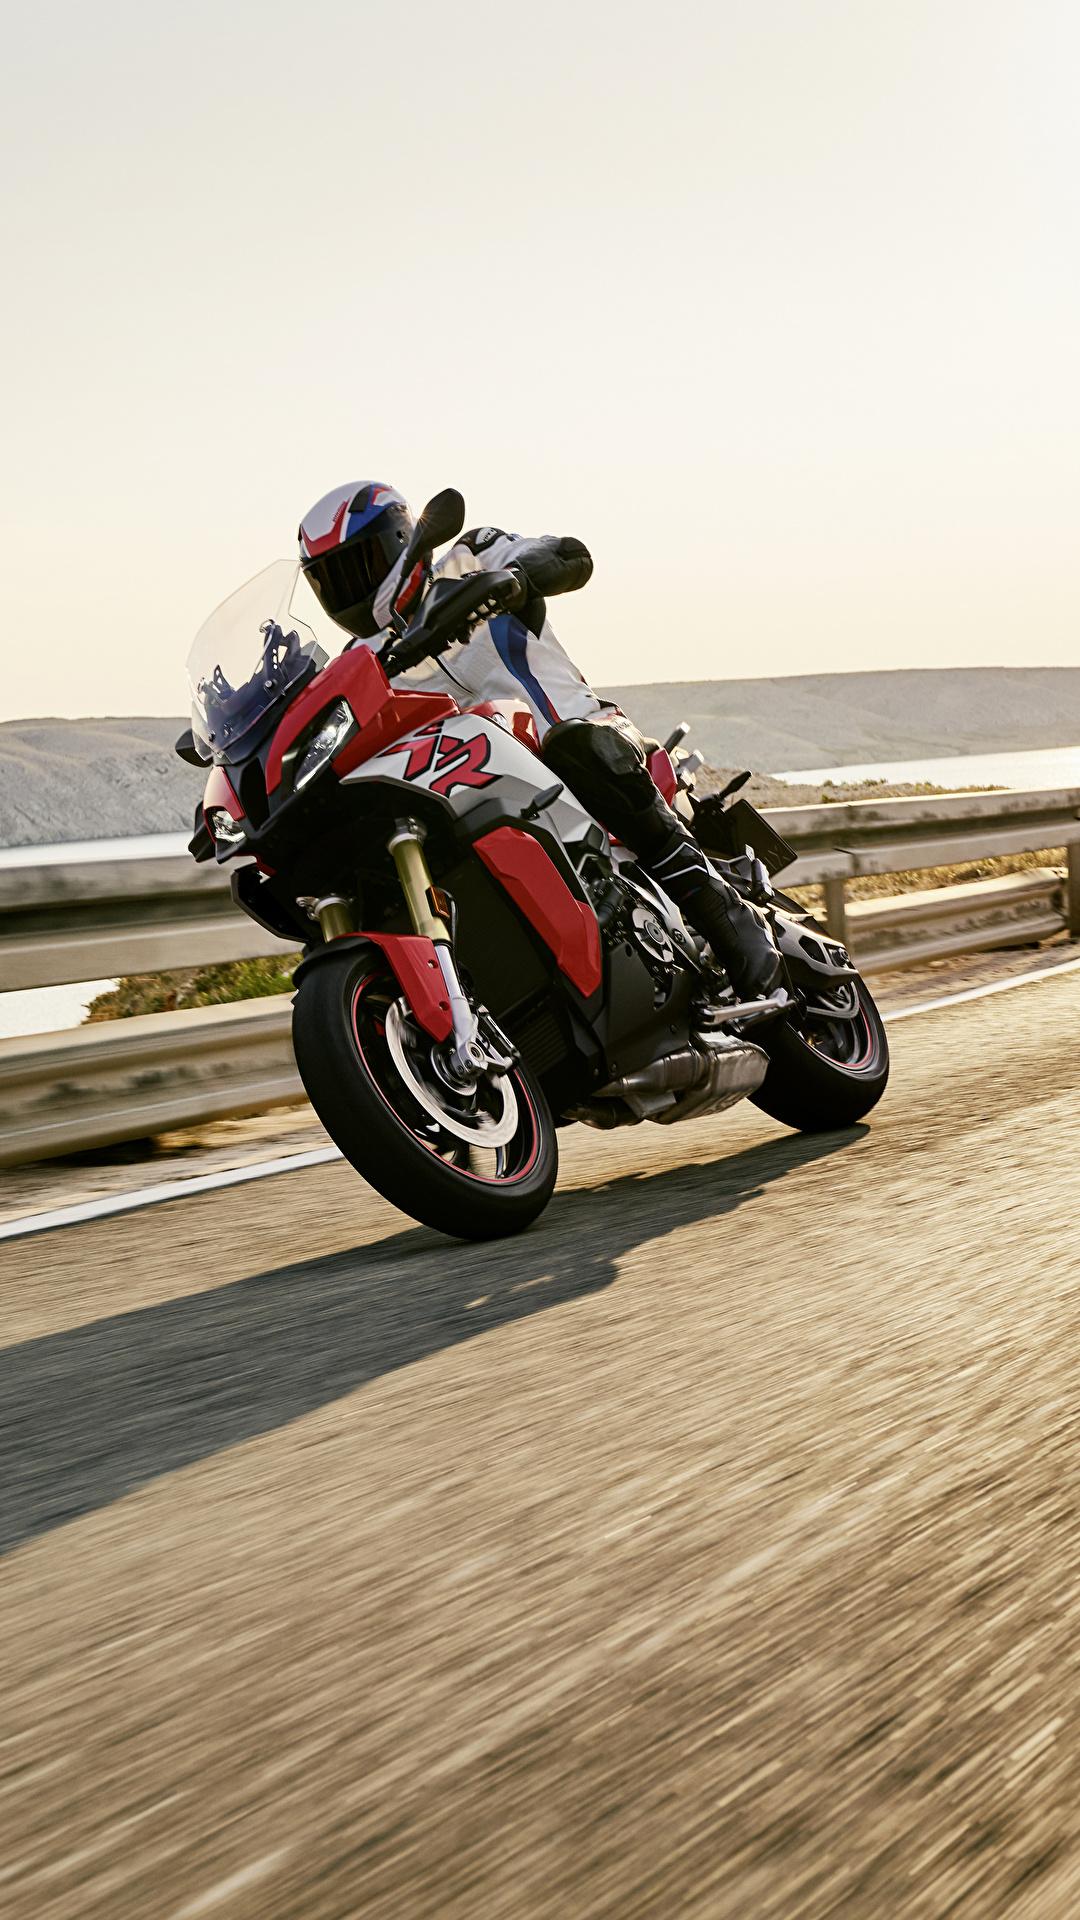 Картинка БМВ 2020 S 1000 XR Мотоциклы едущий Мотоциклист 1080x1920 для мобильного телефона BMW - Мотоциклы мотоцикл едет едущая Движение скорость